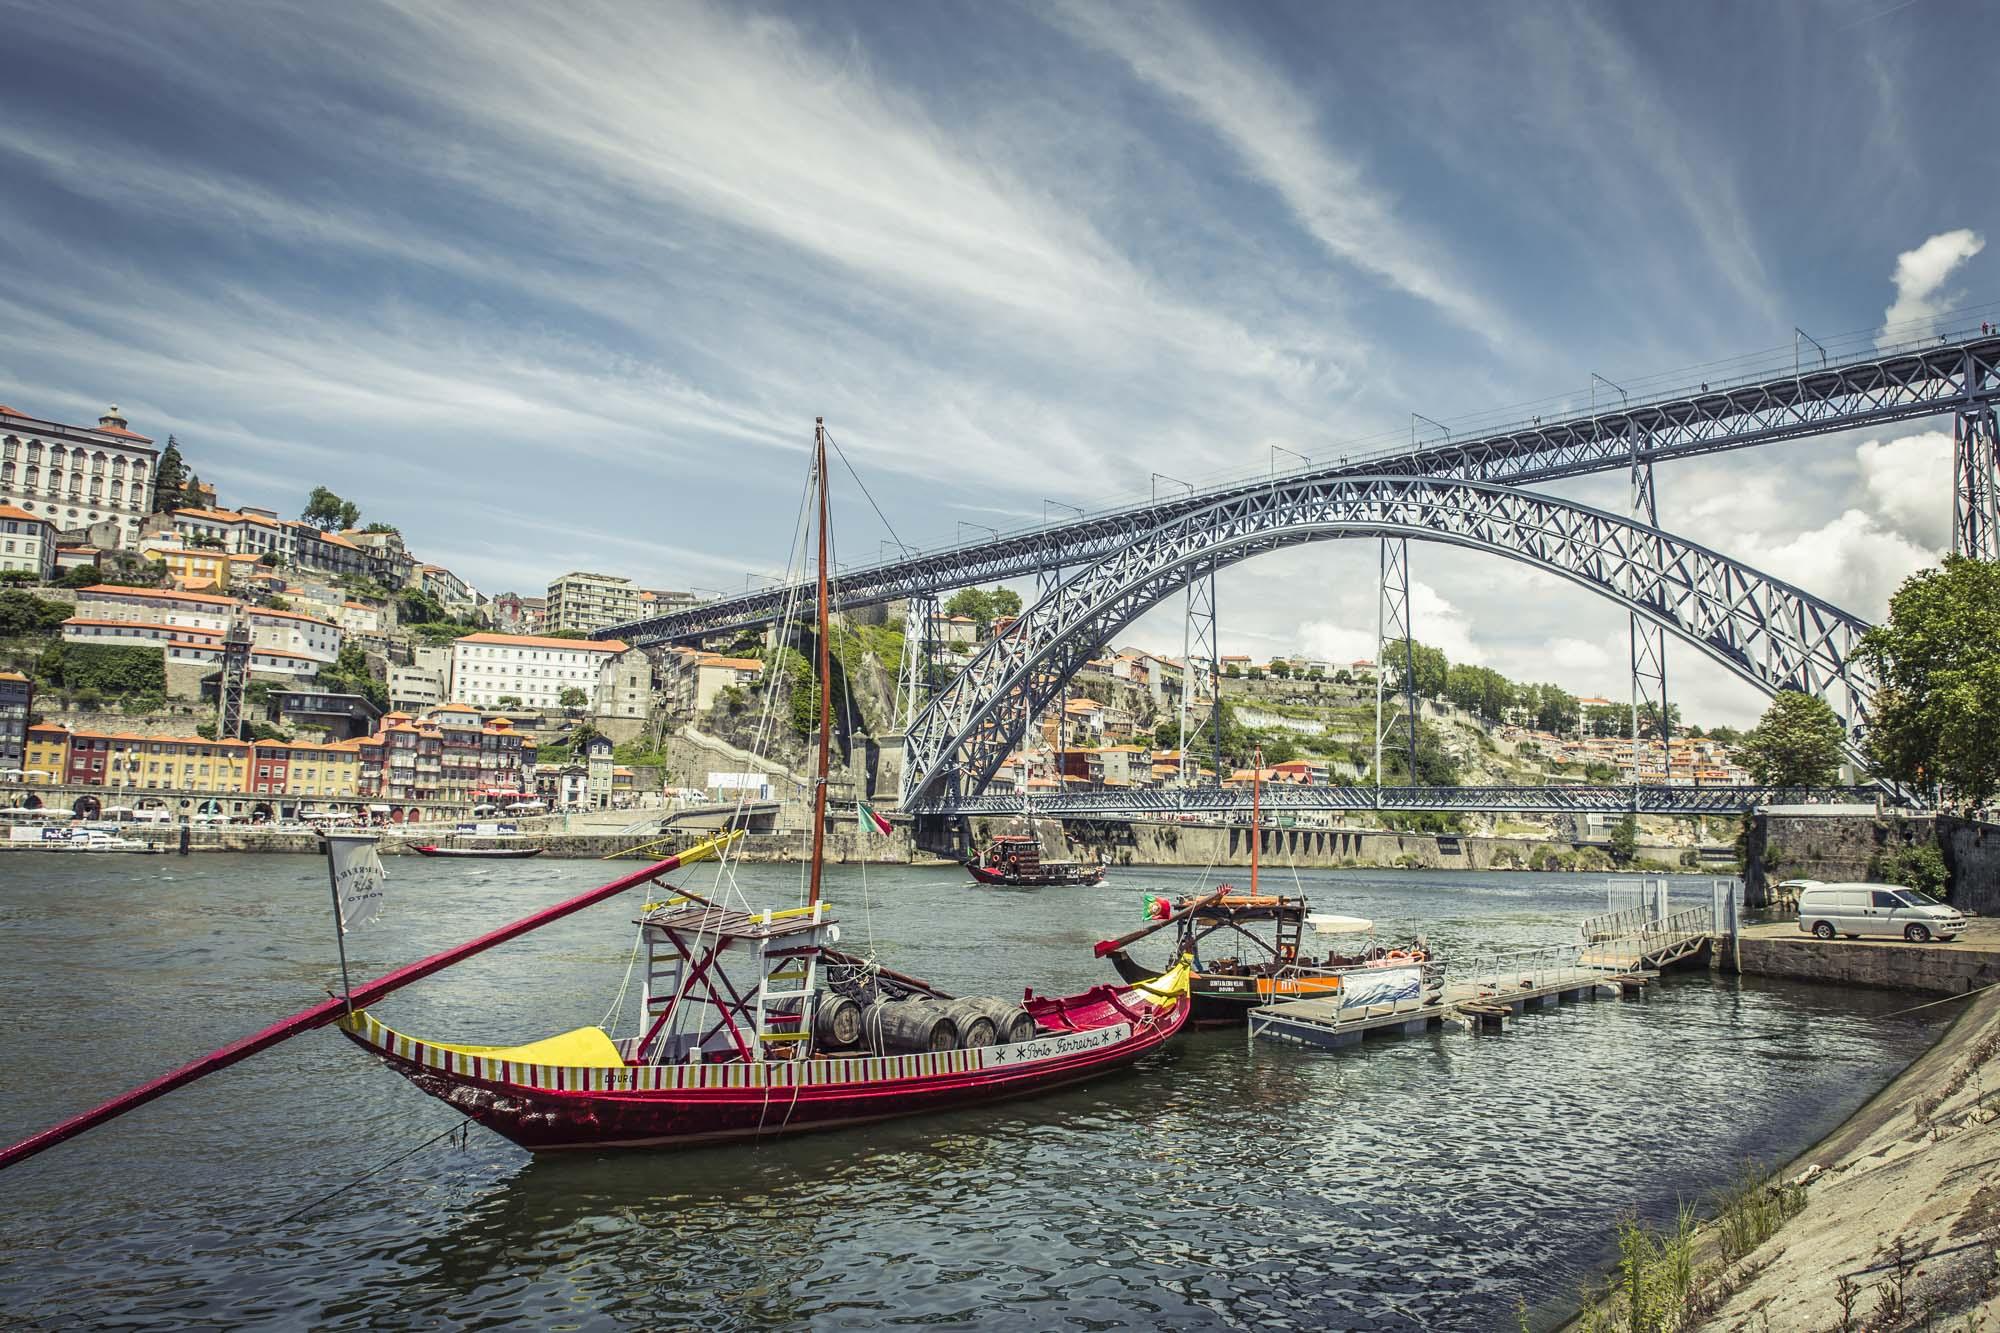 Urlaub-Portugal-139